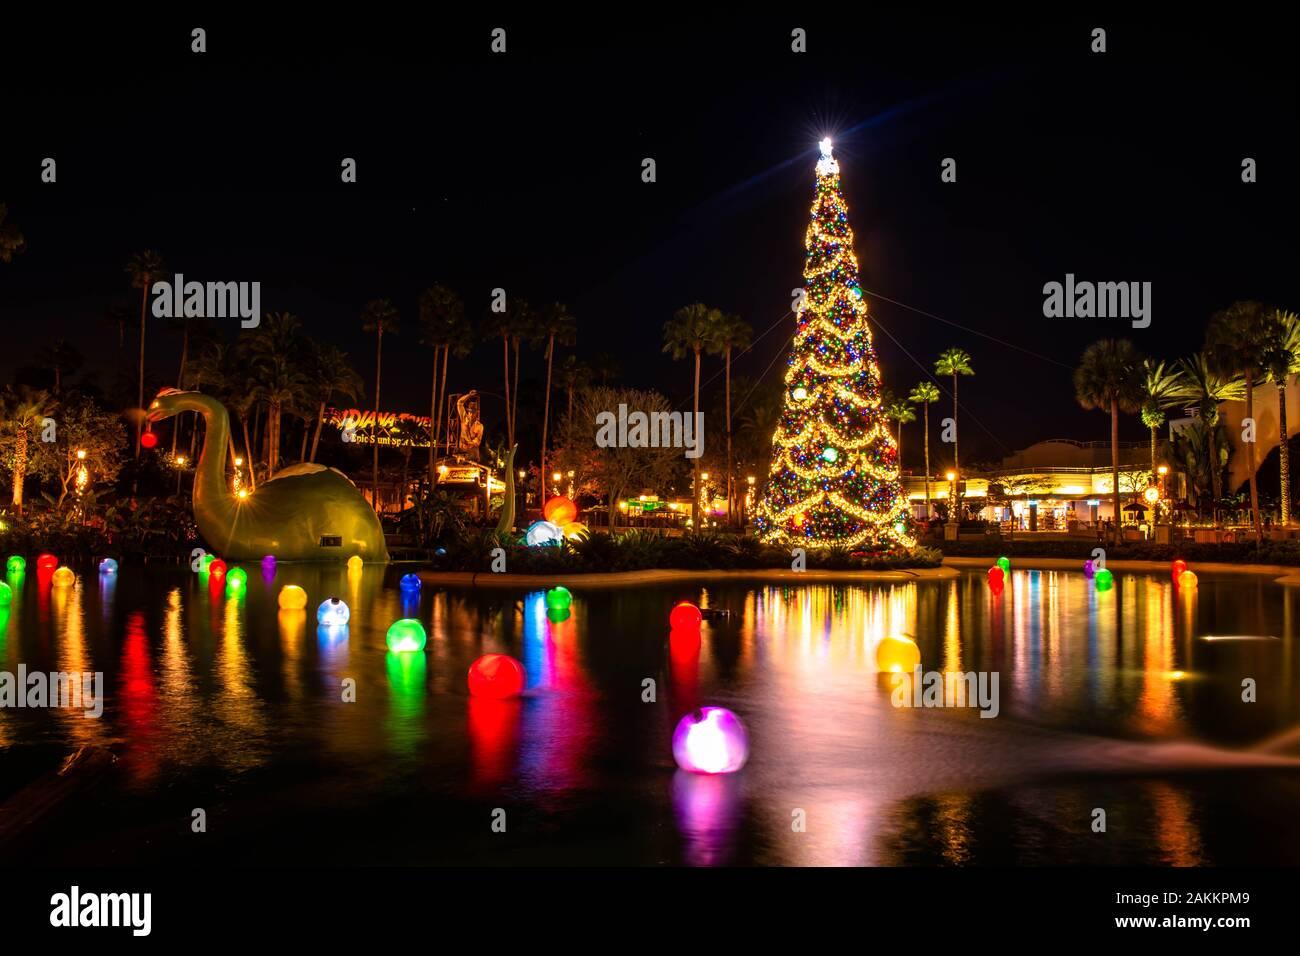 Orlando Christmas 2020 Orlando, Florida. January 03, 2020, Dinosaur and Christmas Tree at